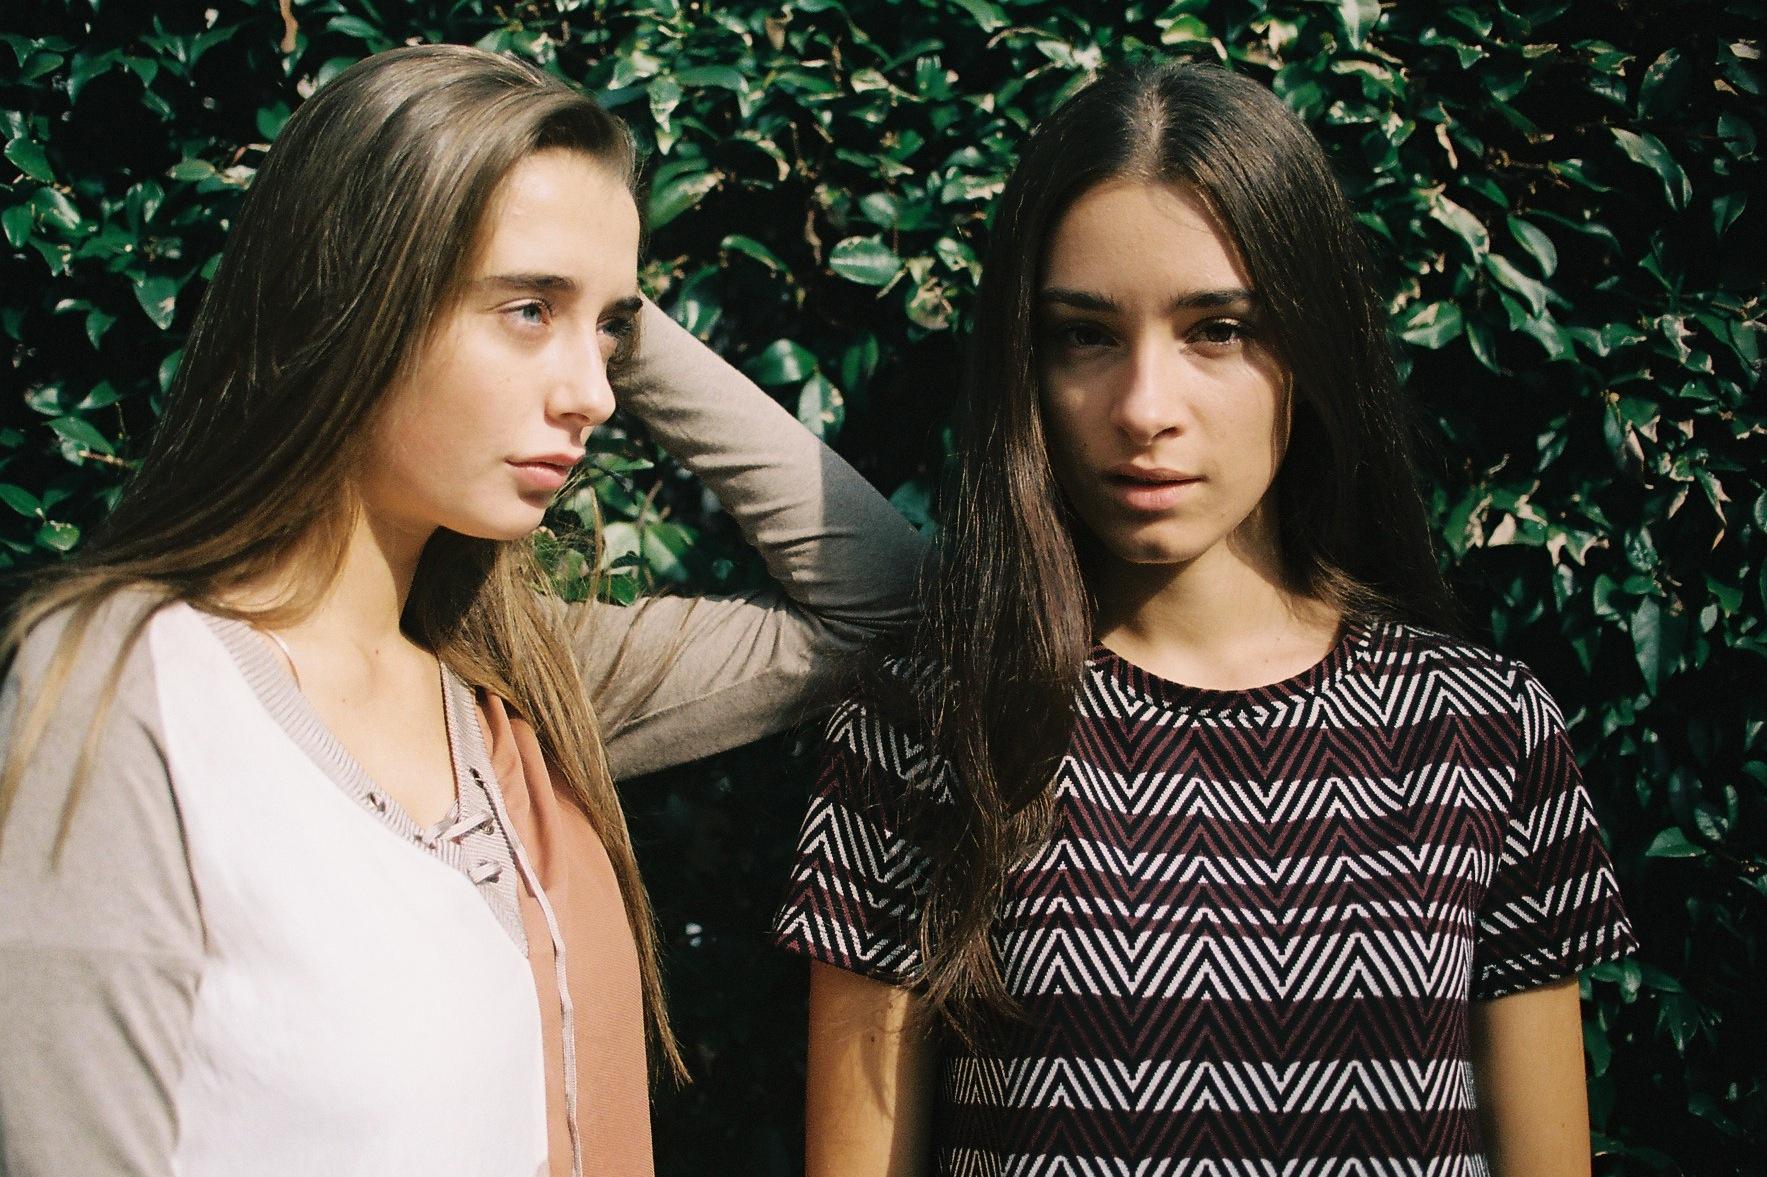 Lily & Francesca - Piazzale Francesco Carrara 23 - Pop Models Milan